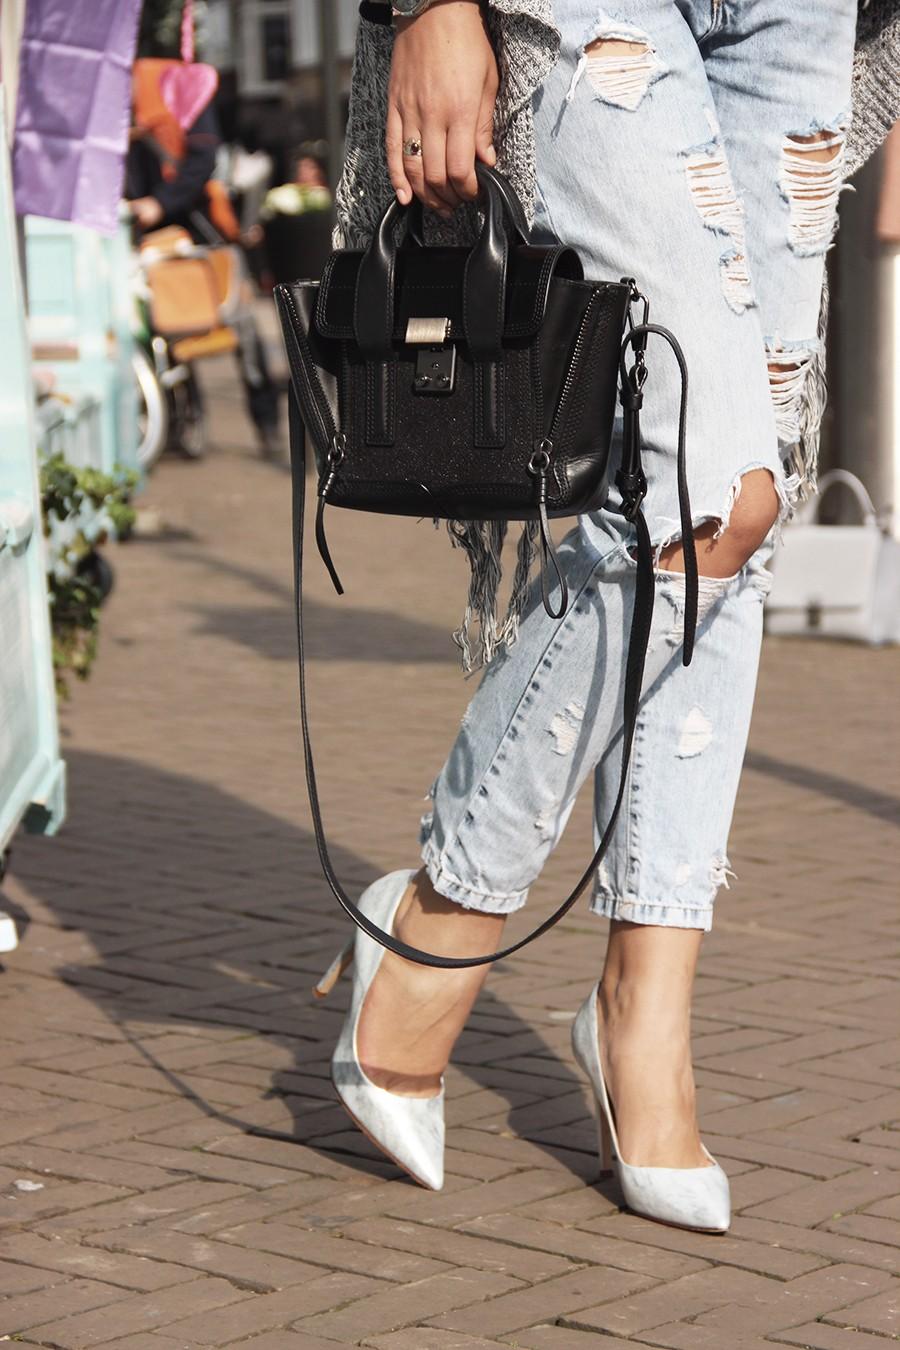 phillip-lim-satchel